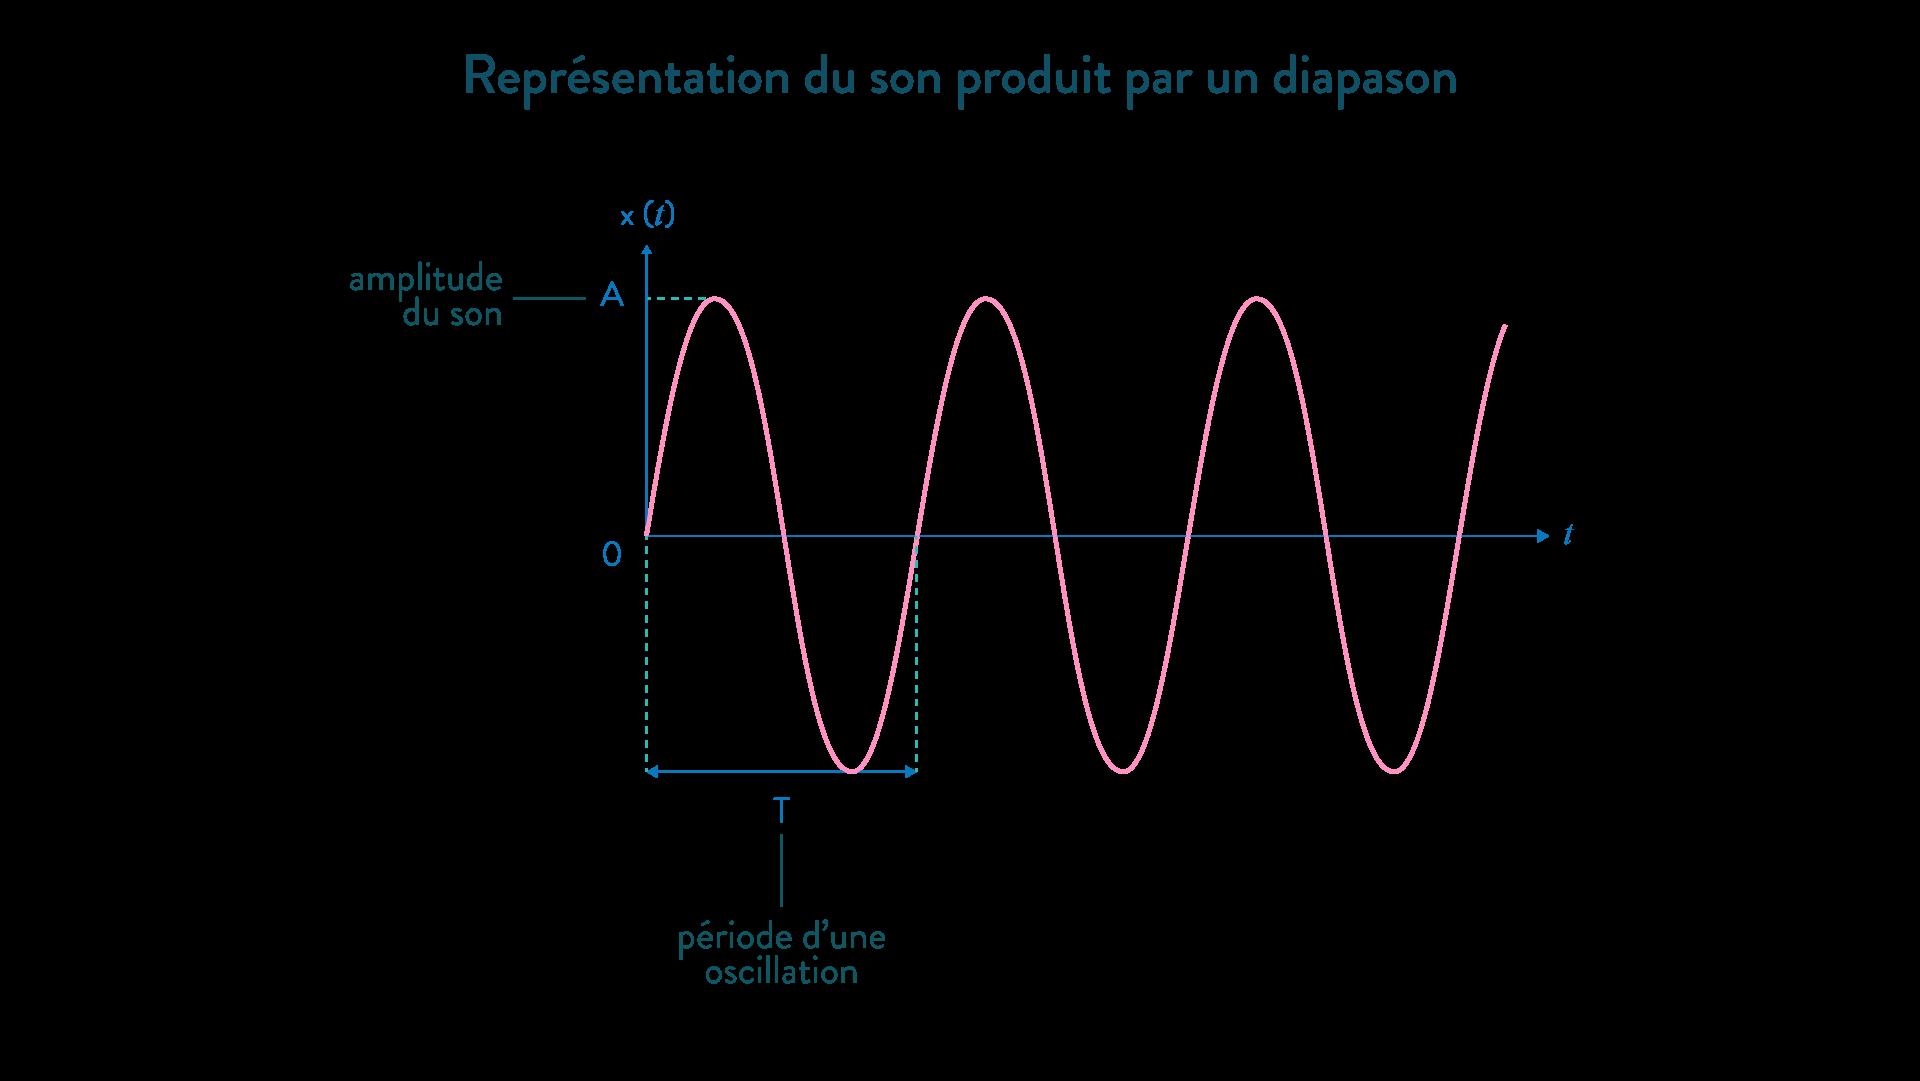 son diapason oscillation